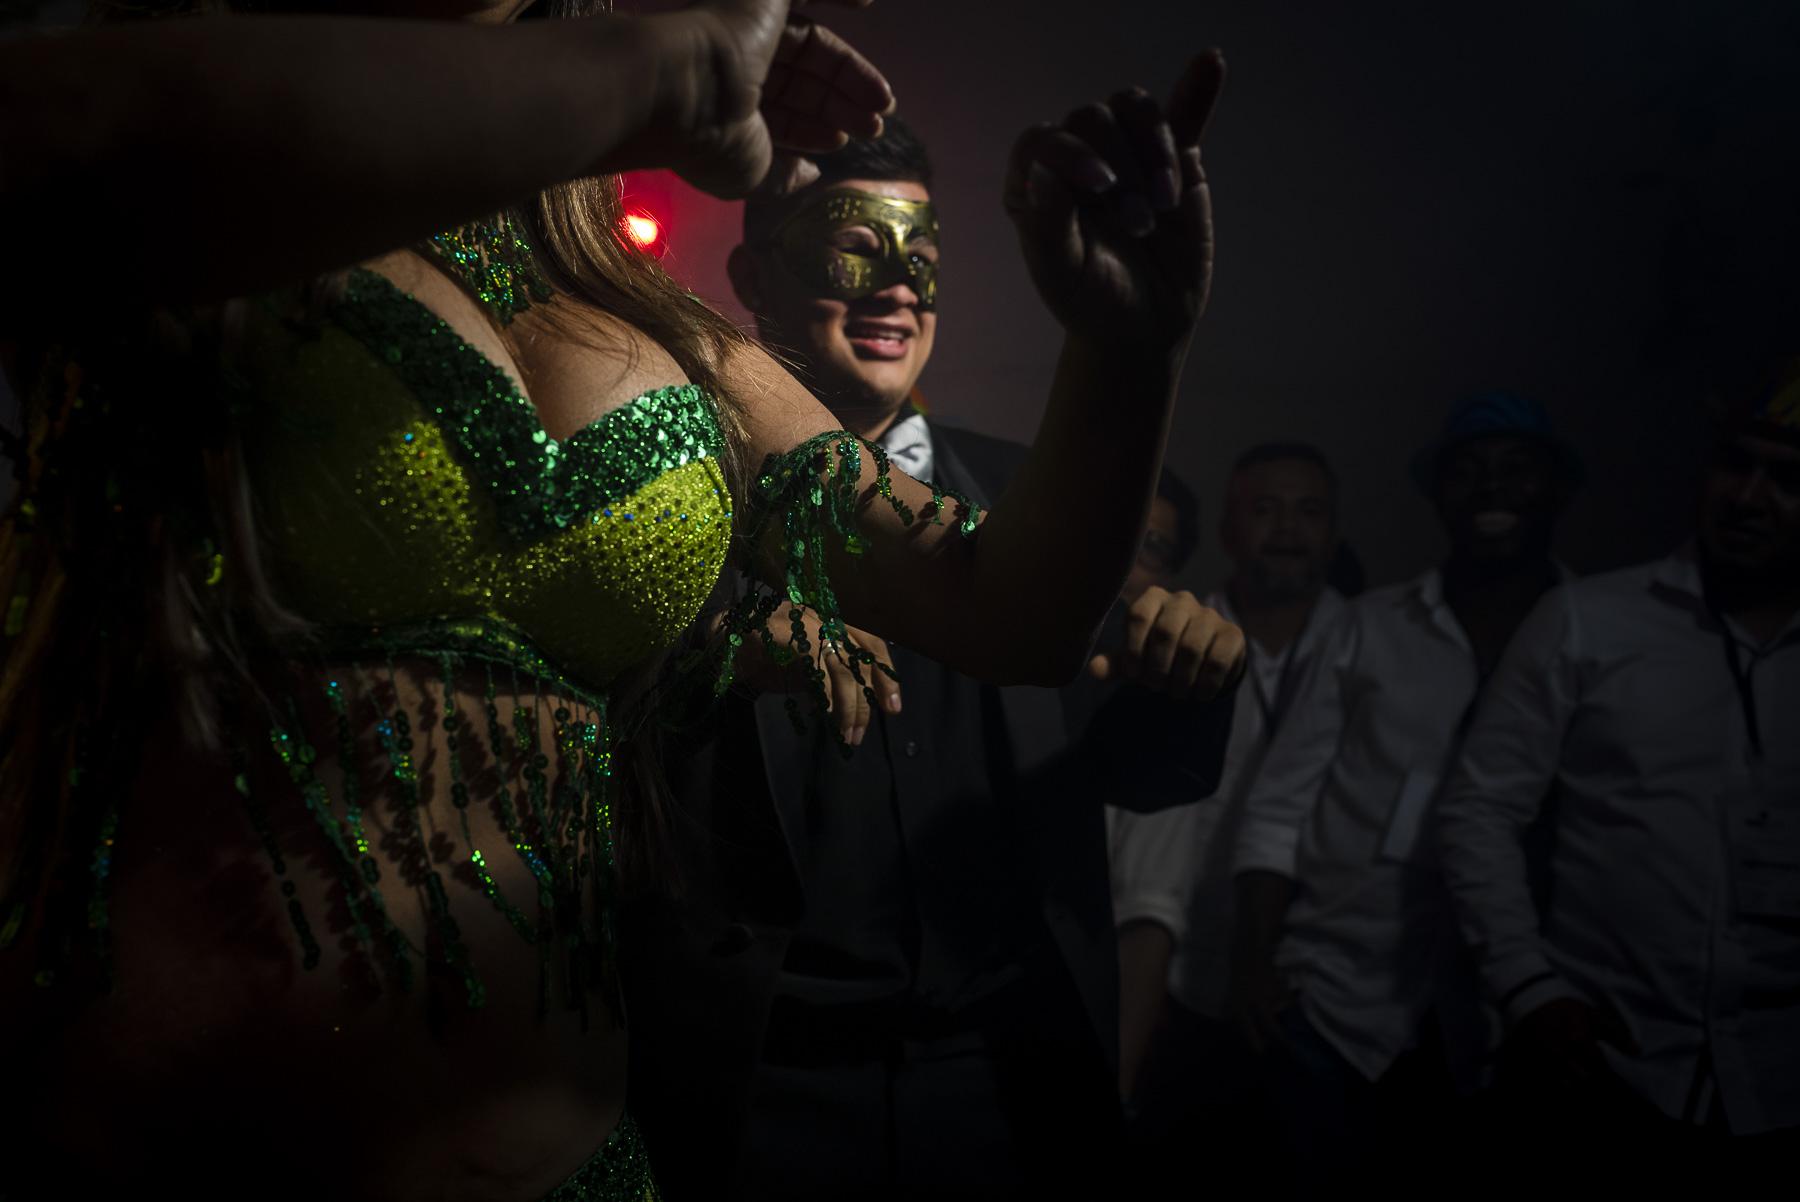 el mejor fotografo de casamientos en argentina